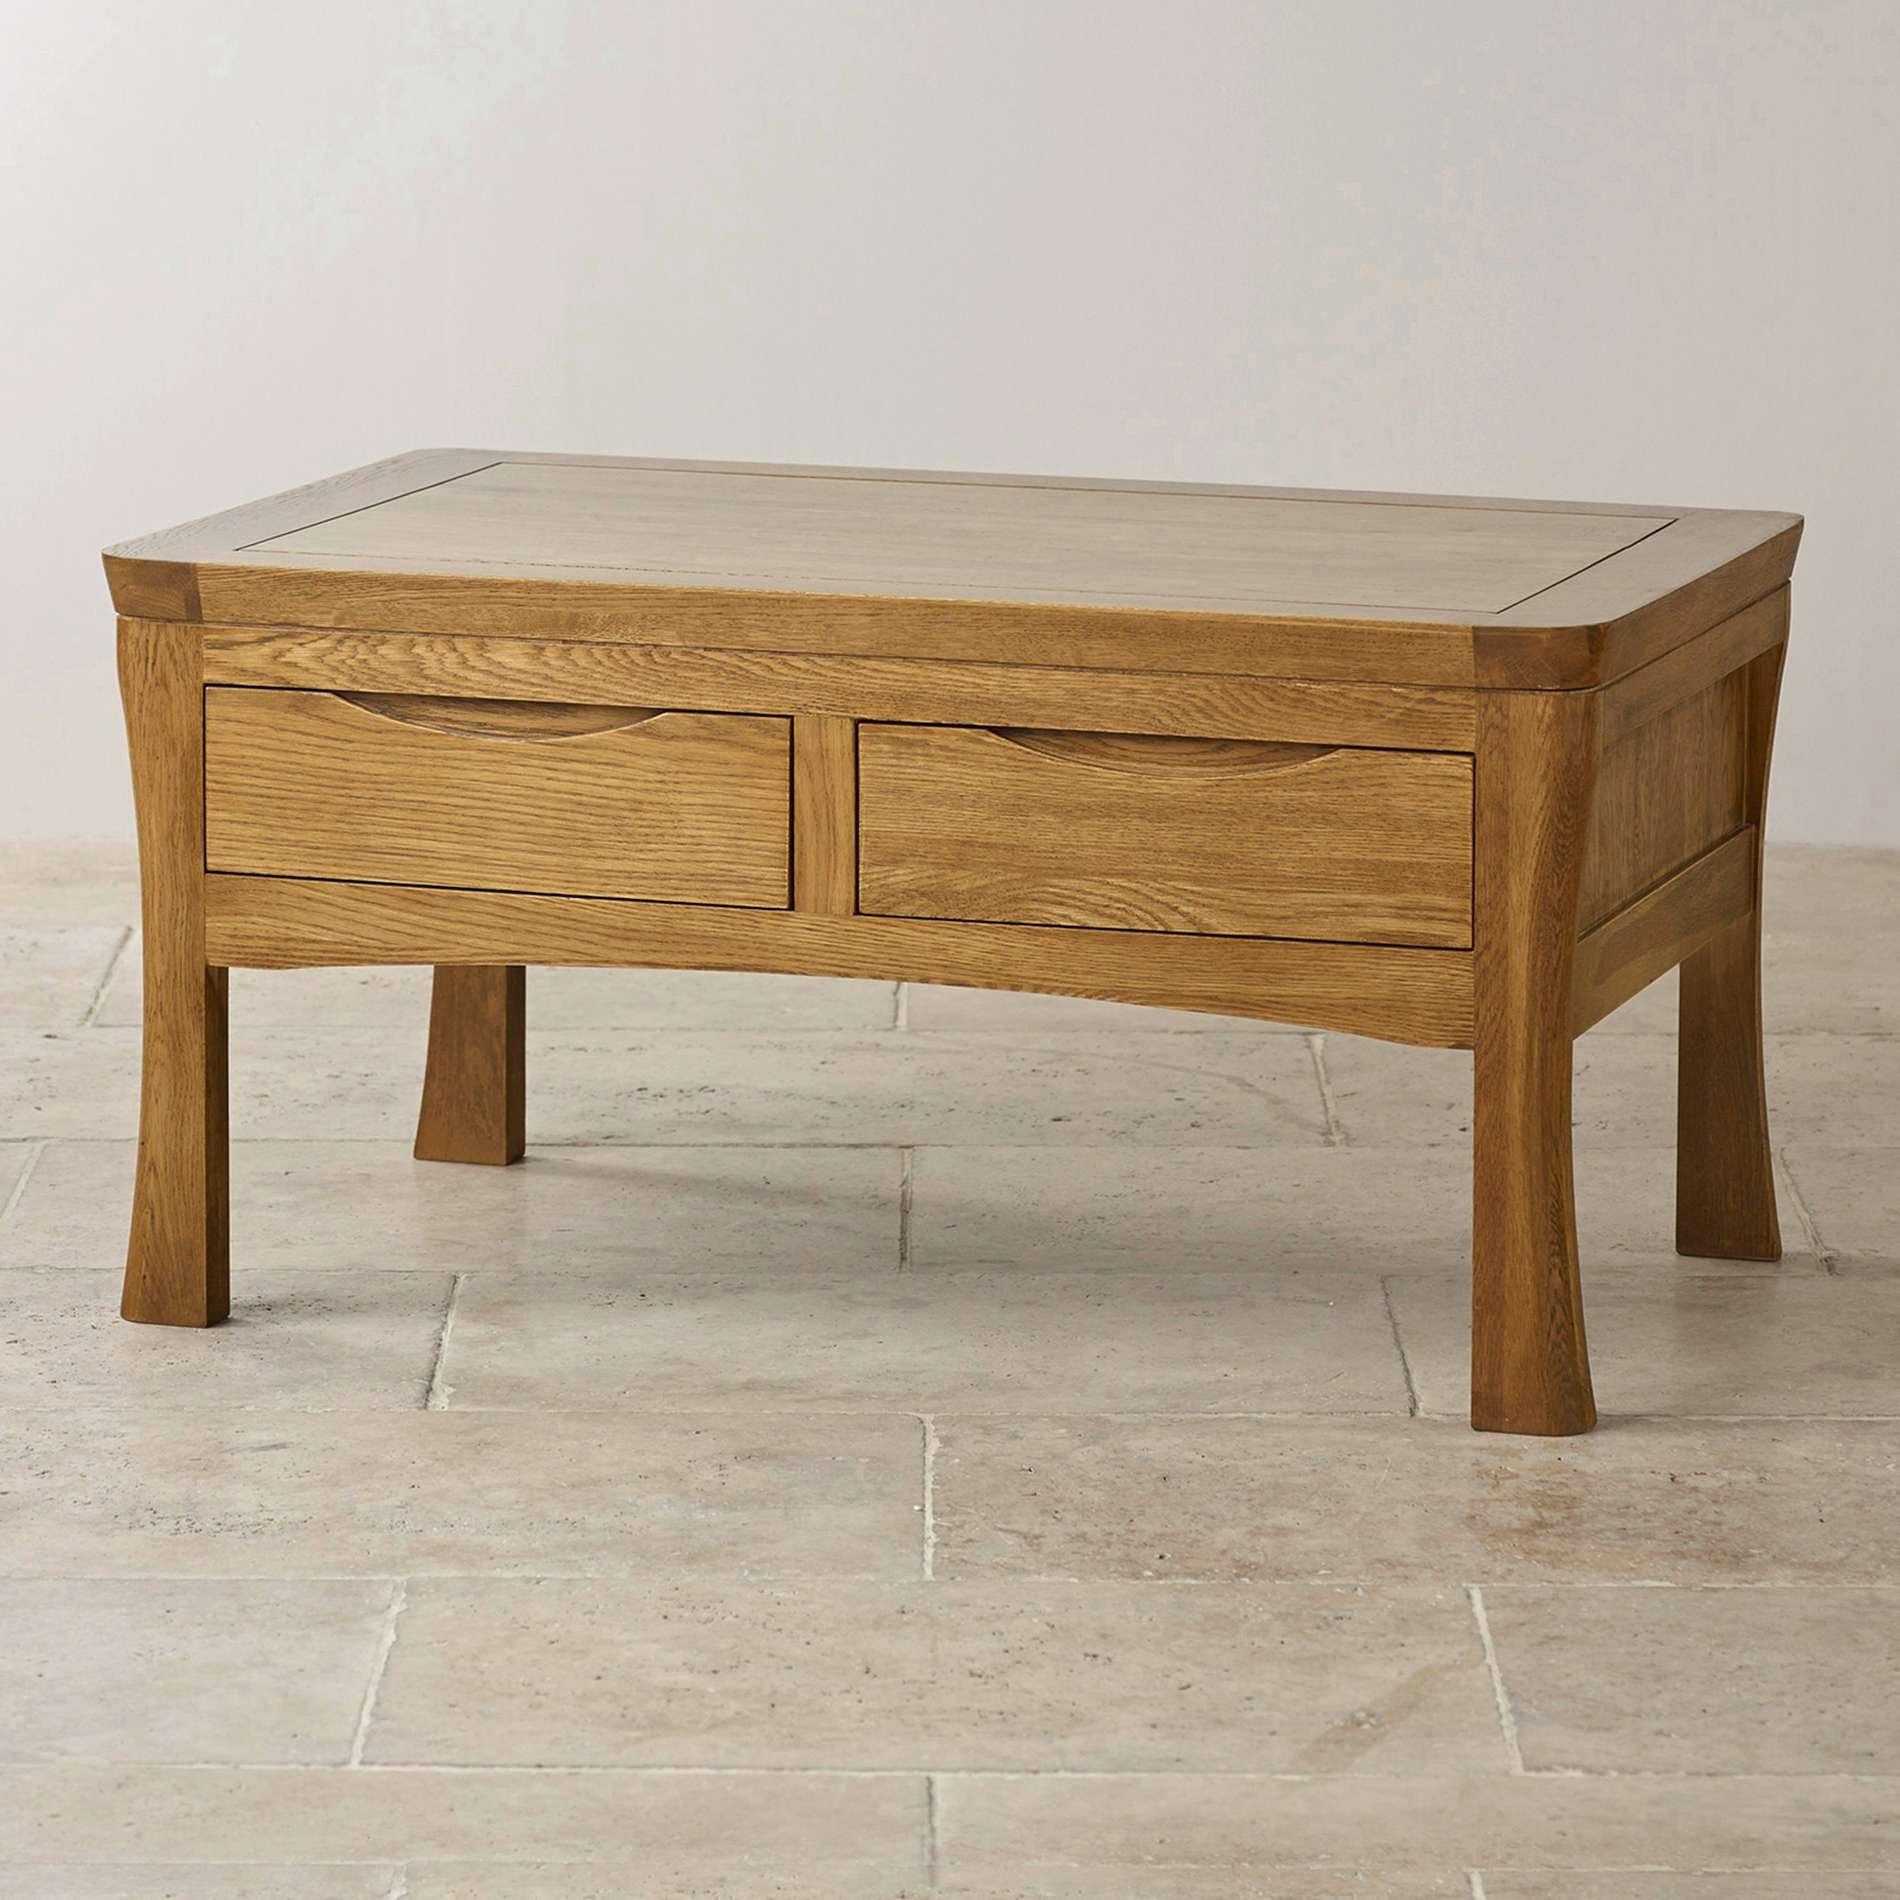 Favorite Solid Oak Coffee Tables Inside Coffee Tables : Solid Wood Coffee Table With Drawers And Shelf Oak (View 2 of 20)